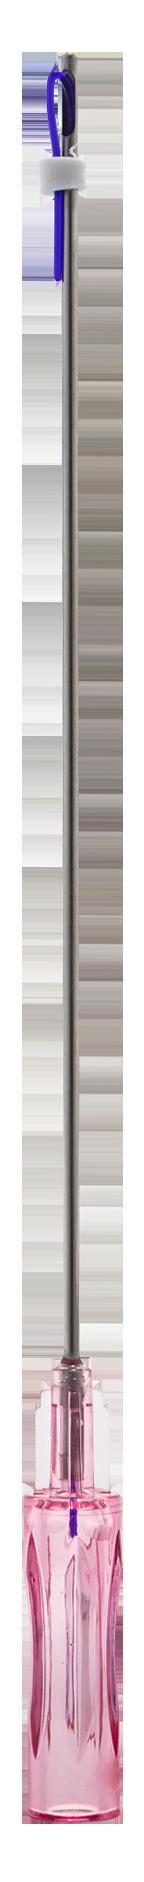 BIJOU-Sapphire-line-COG